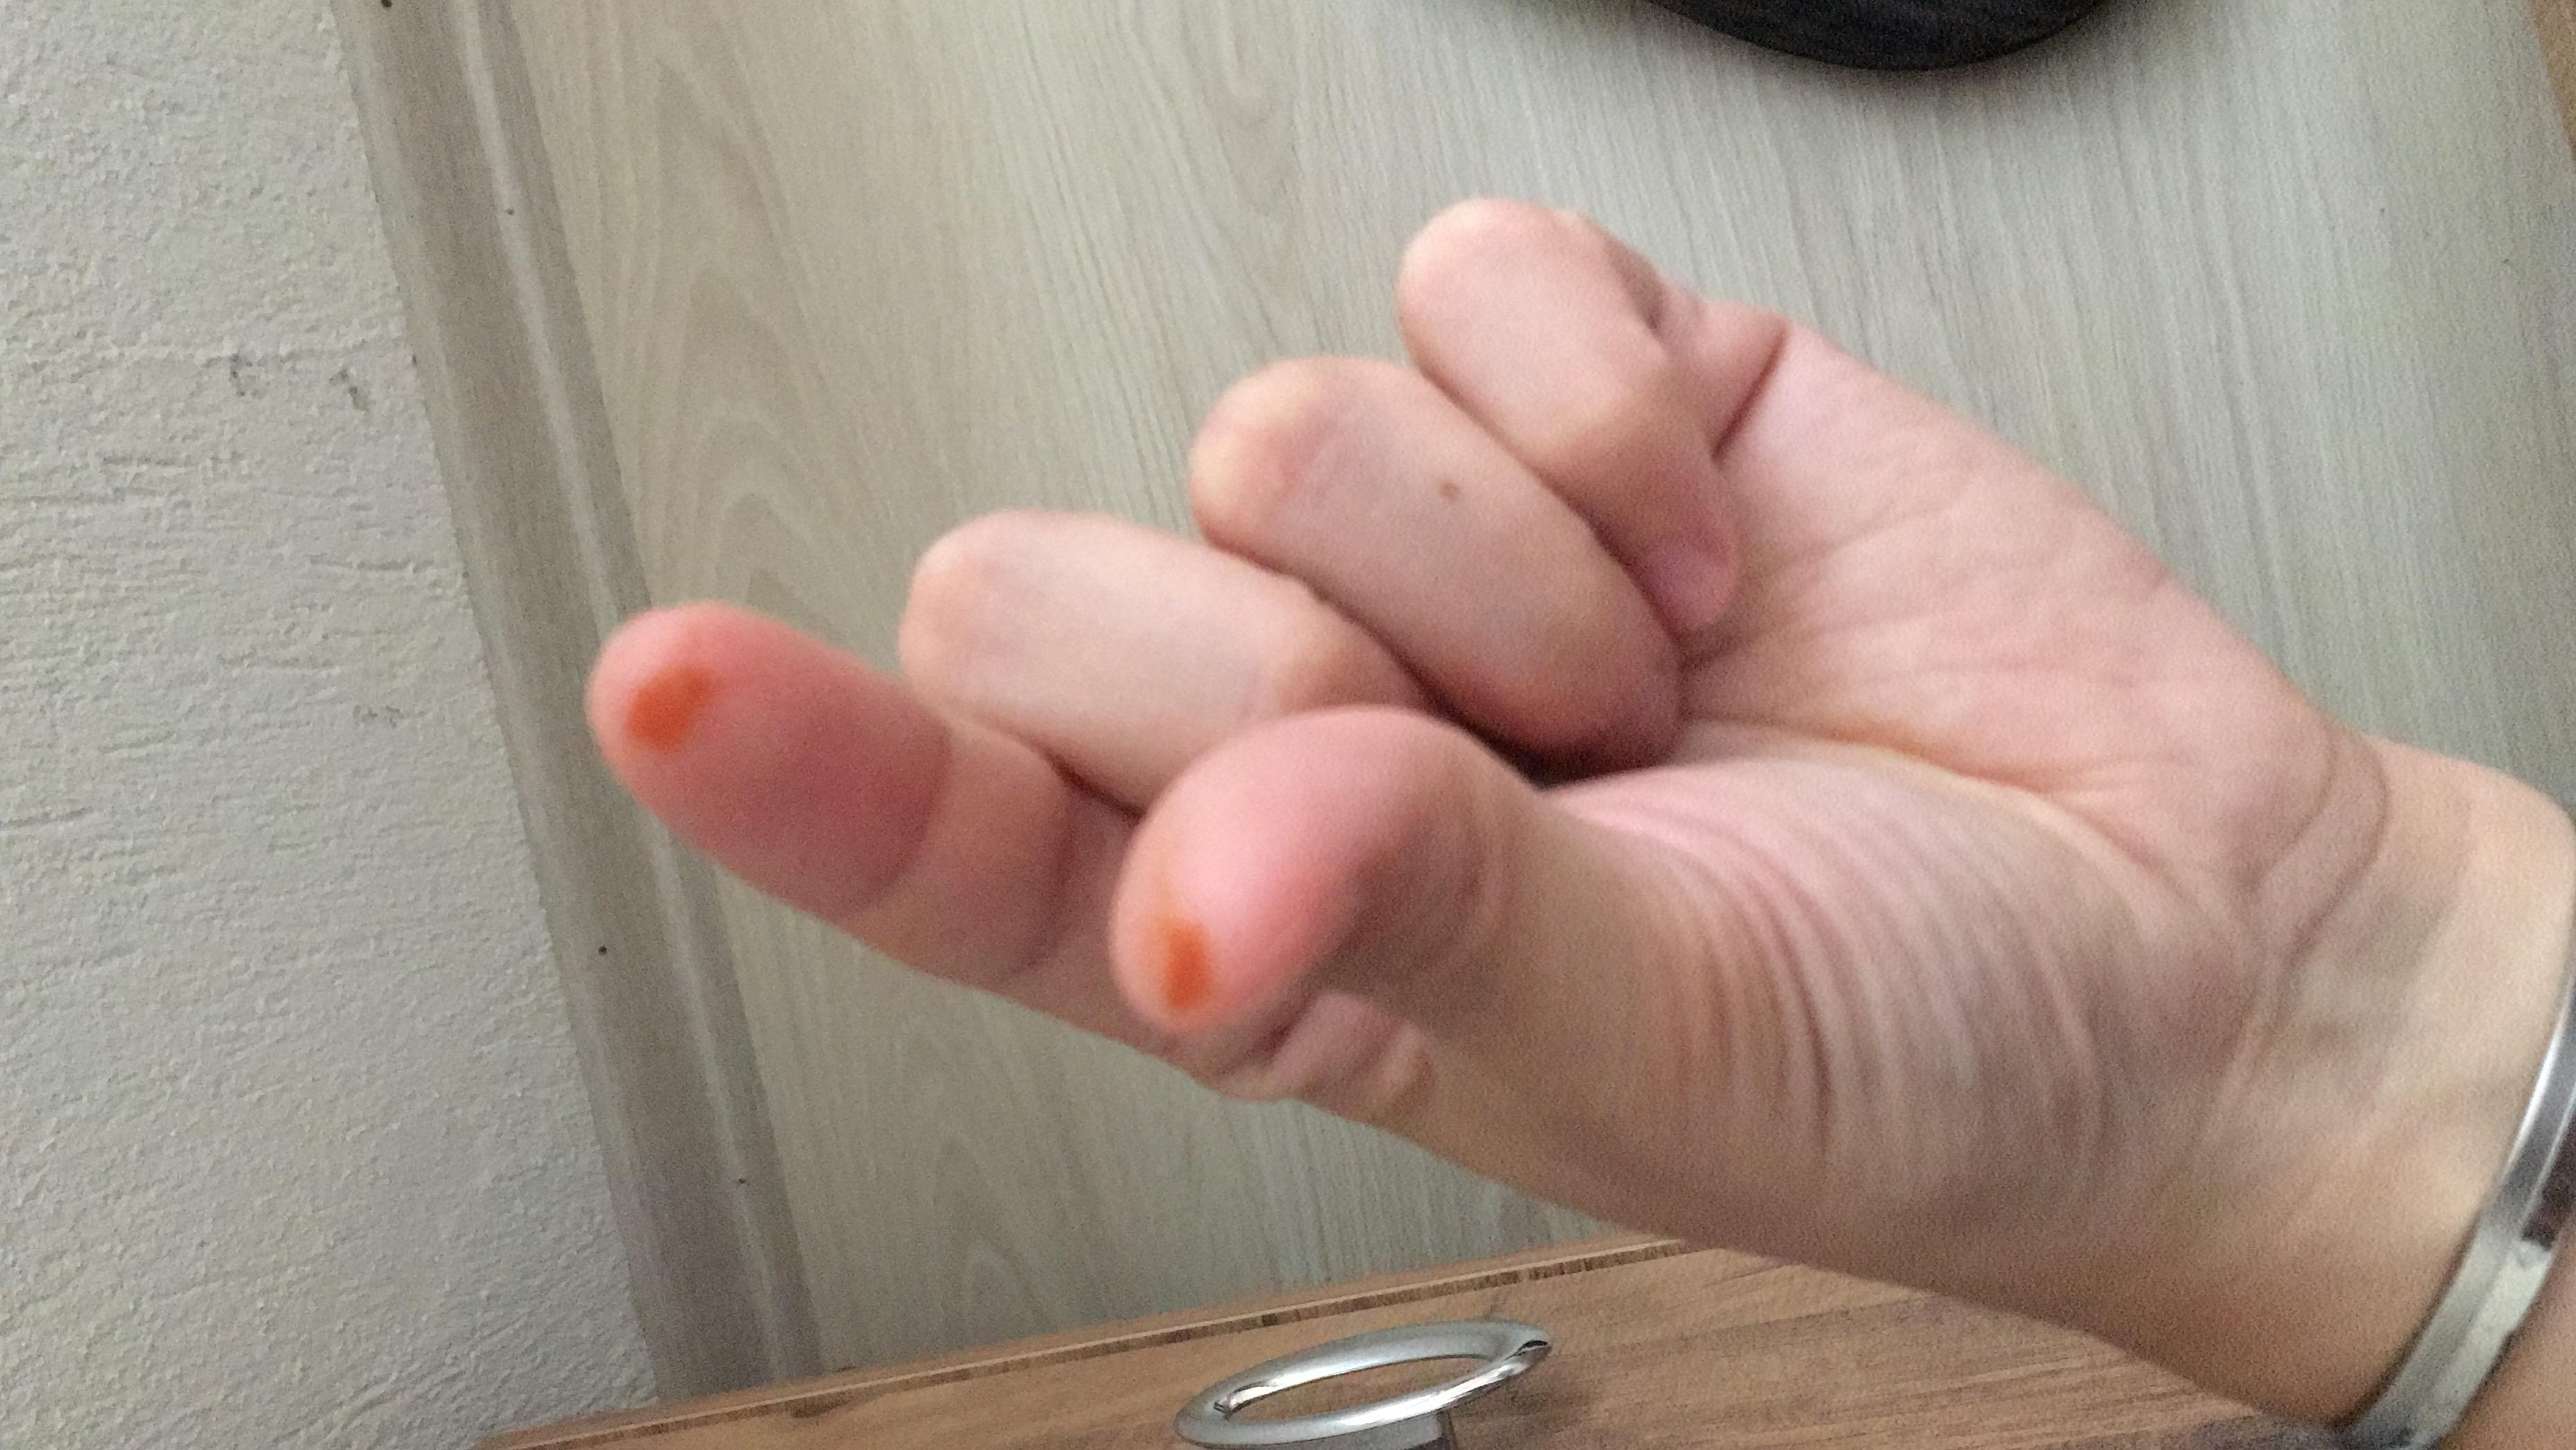 uyandigimda parmaklarim kinaliydi r10 net